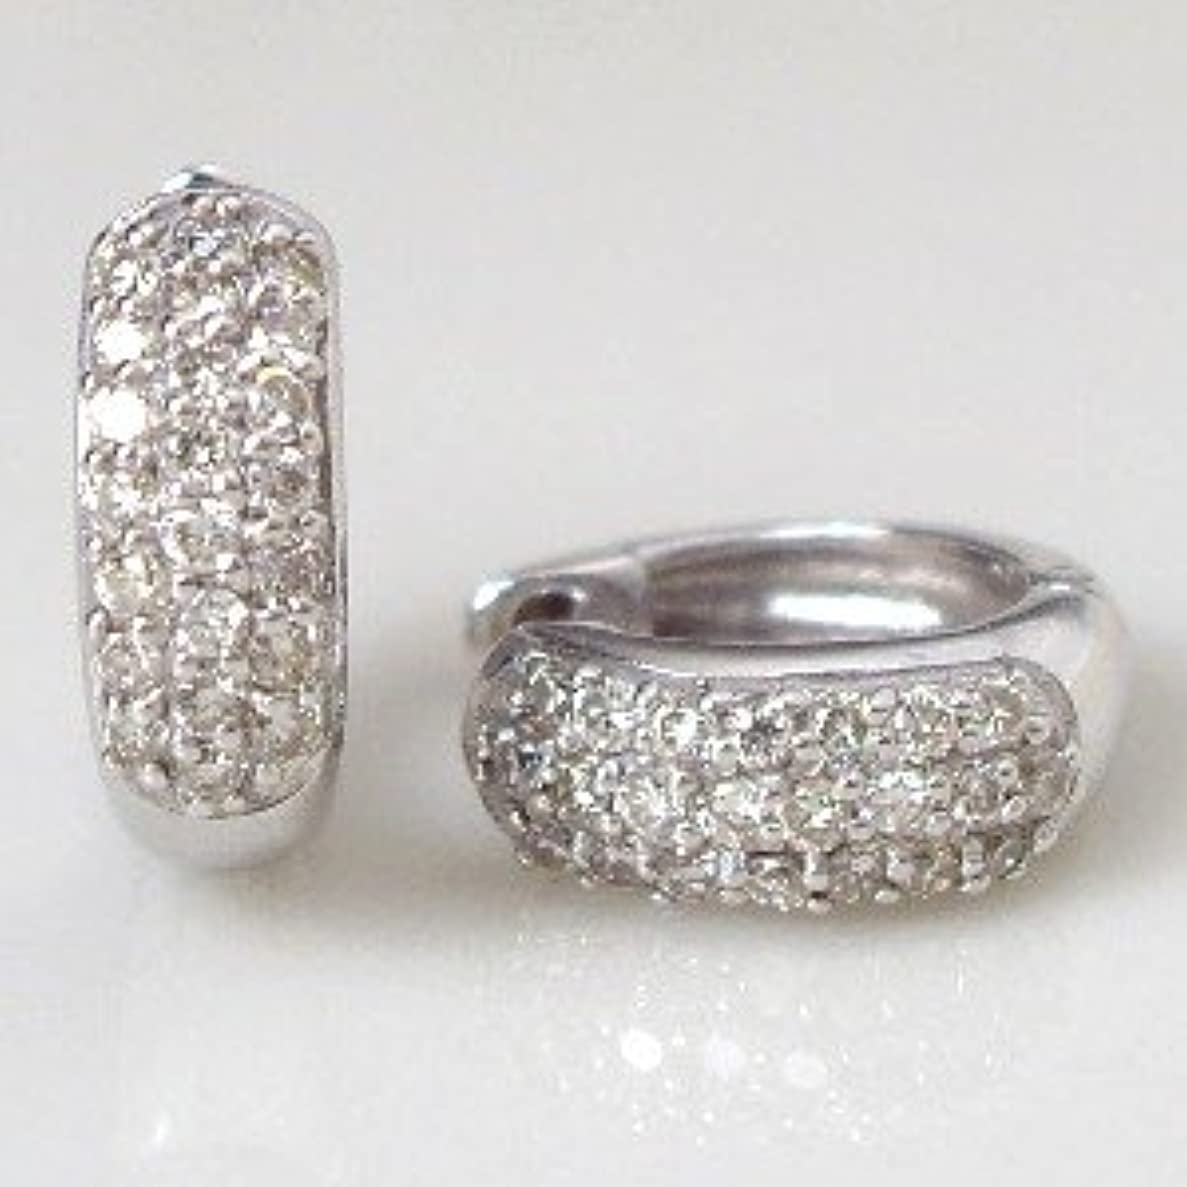 伝統強制息切れ[ラグジュエリー][Lugejewelry]K18 0.3ctダイヤモンドパヴェフープピアス 透明感溢れるダイヤモンド メンズ K18PG(ピンクゴールド) [ジュエリー]【ラッピング対応】